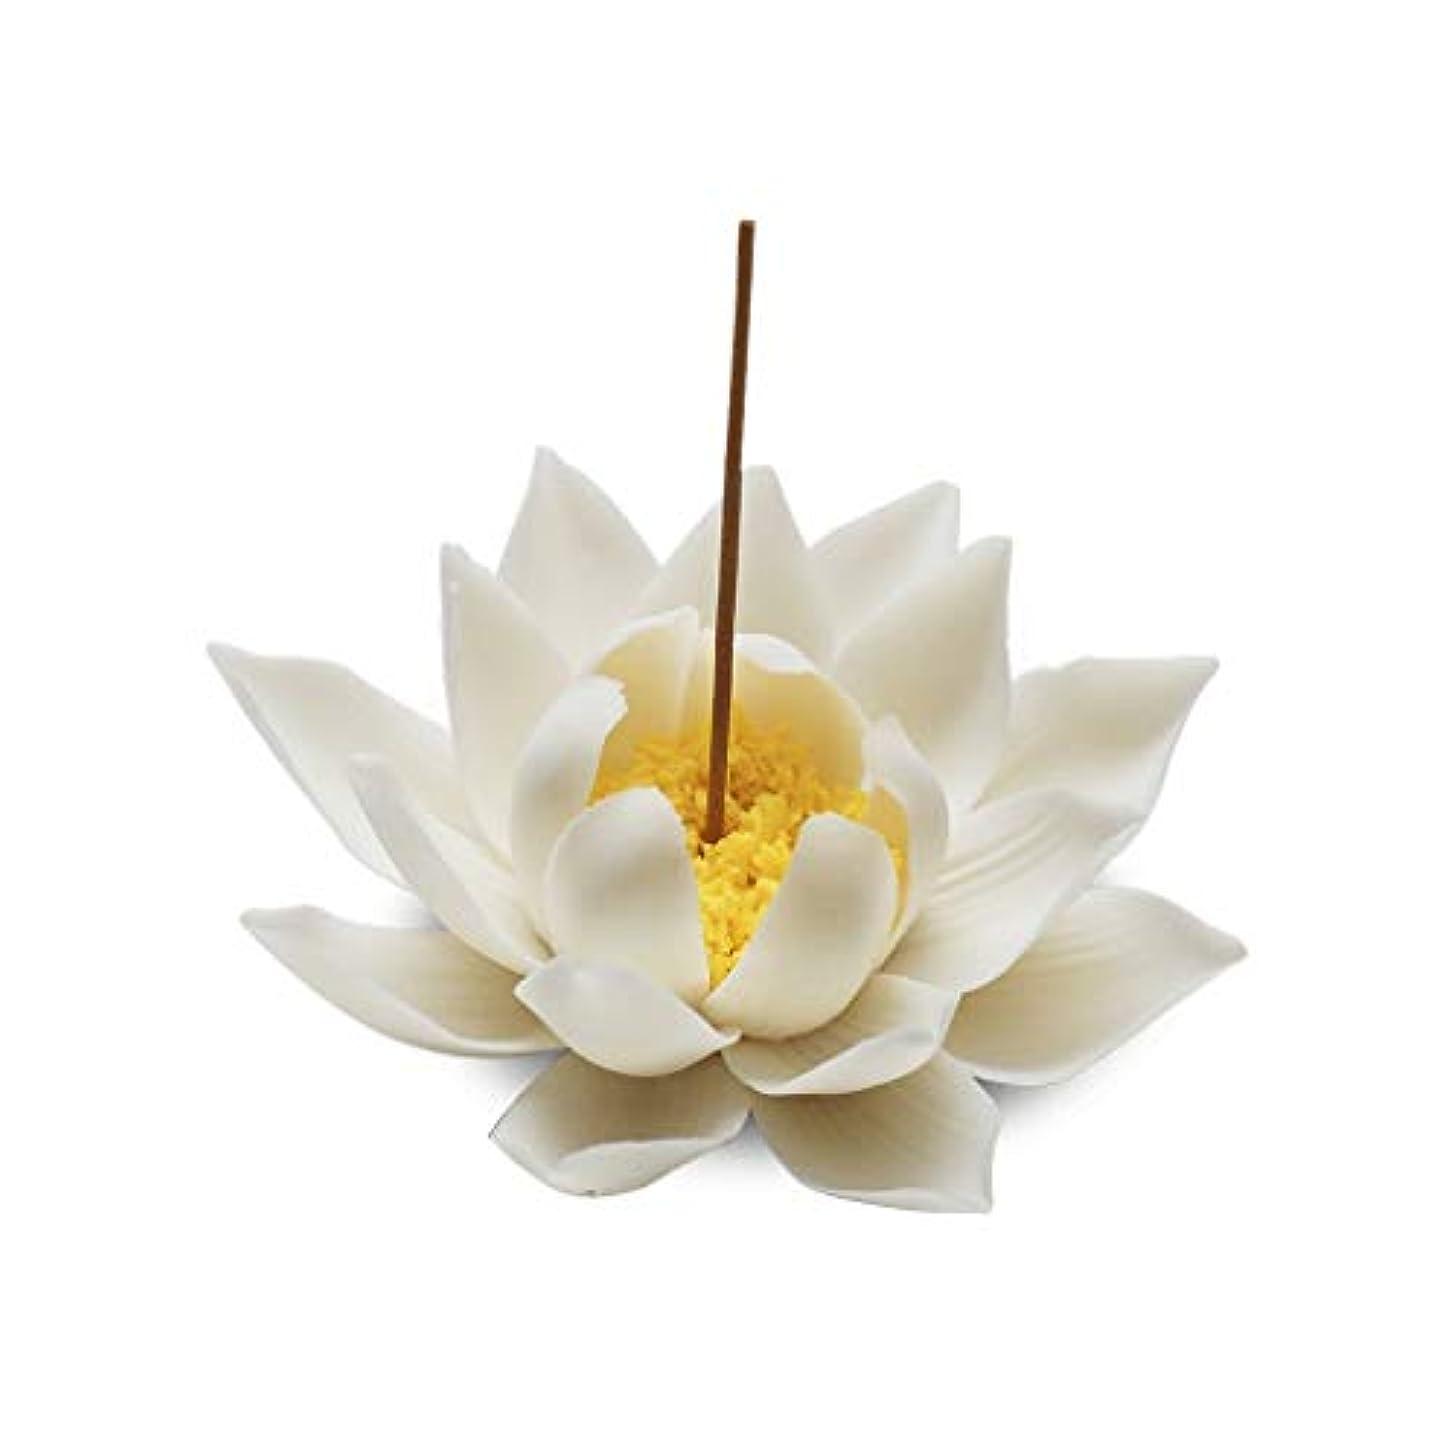 雑多な心配過激派芳香器?アロマバーナー セラミック蓮香バーナー家の装飾香スティックホルダー仏教アロマセラピーホームリビングルームの茶屋 芳香器?アロマバーナー (Color : A)